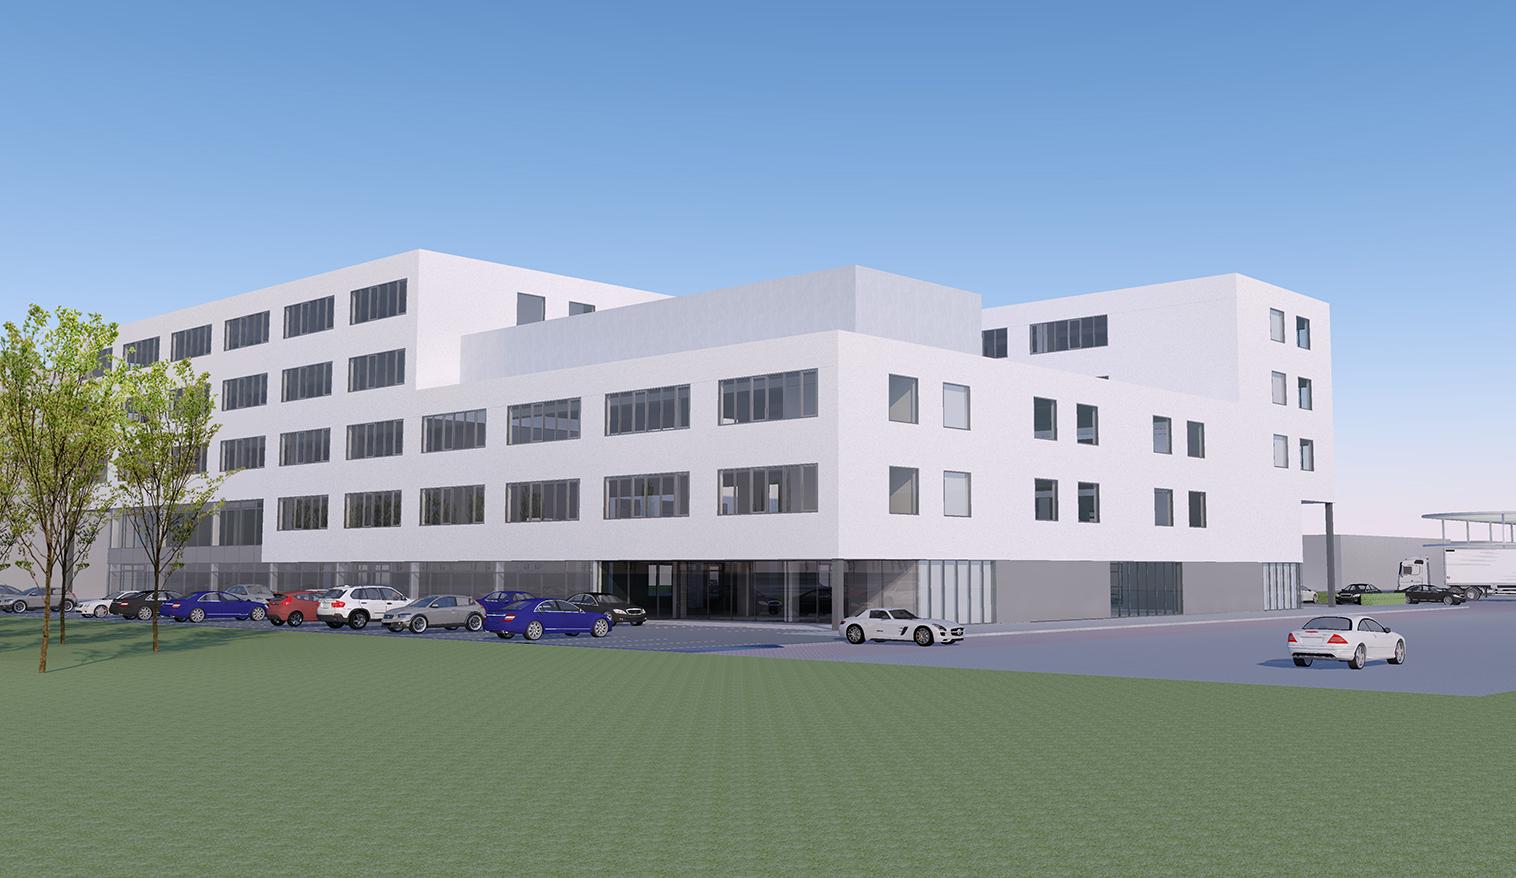 03 OPL Architecten_Mercedes Benz HQ-1516×878-72dpi